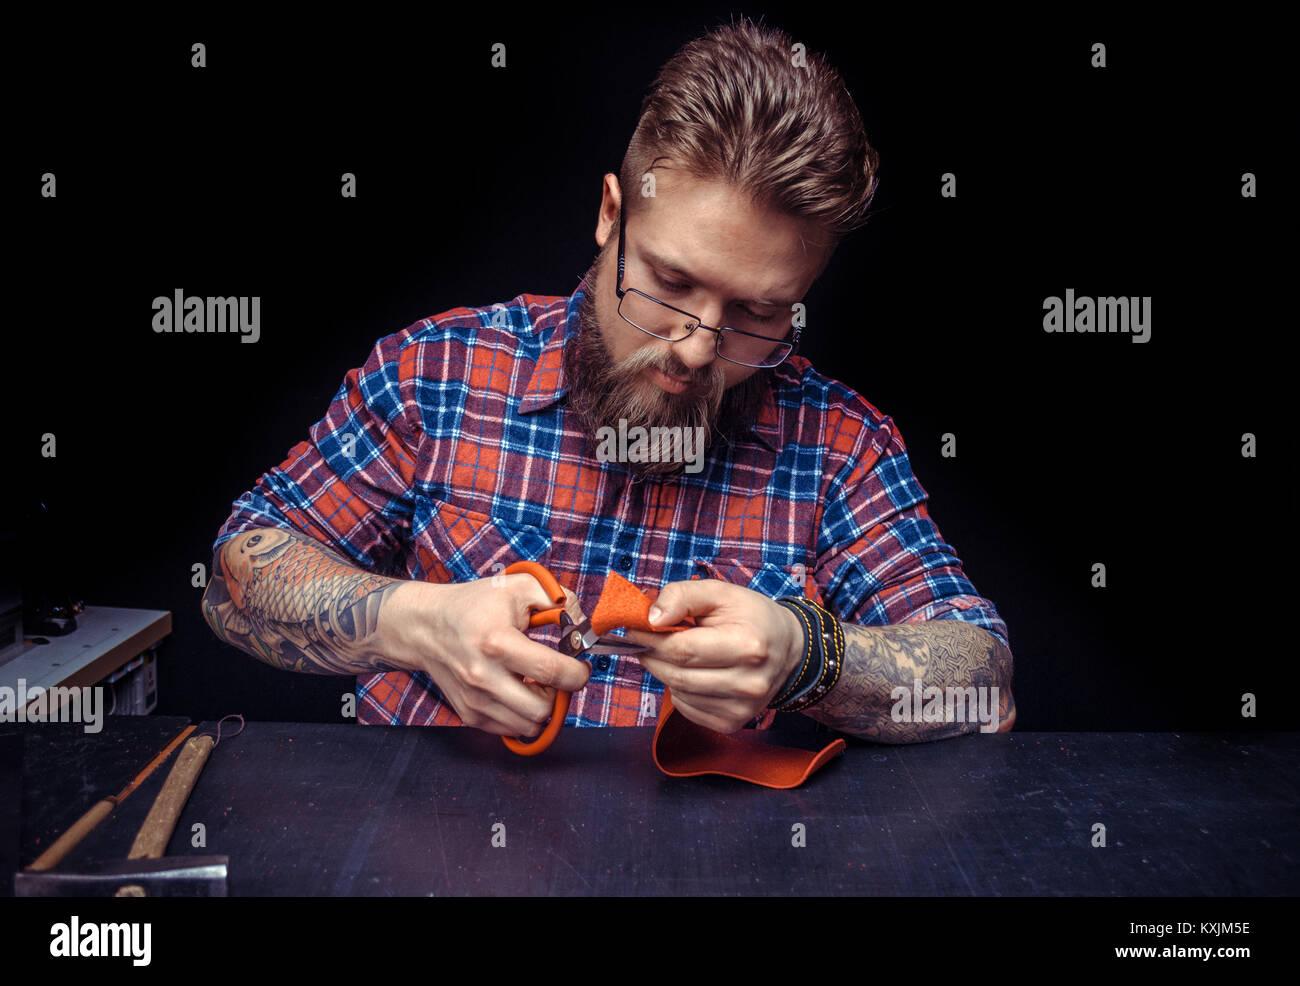 Travail avec le cuir artisan travaille avec des articles de cuir à son bureau. Banque D'Images